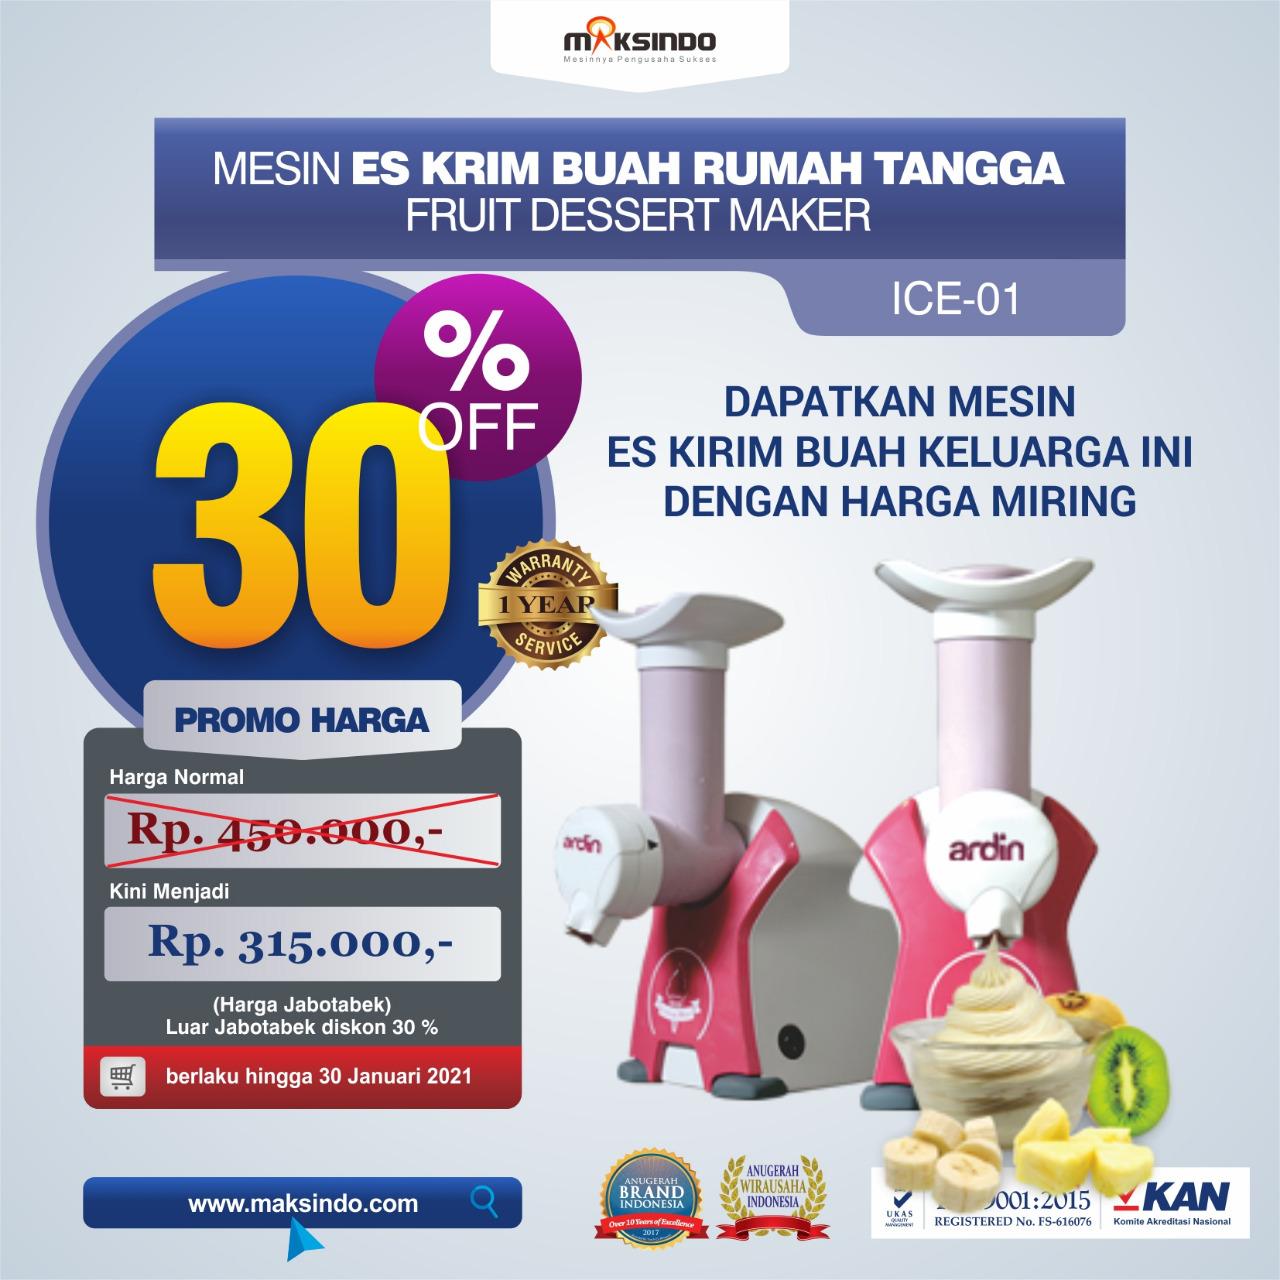 Jual Mesin Es Krim Buah Rumah Tangga di Tangerang